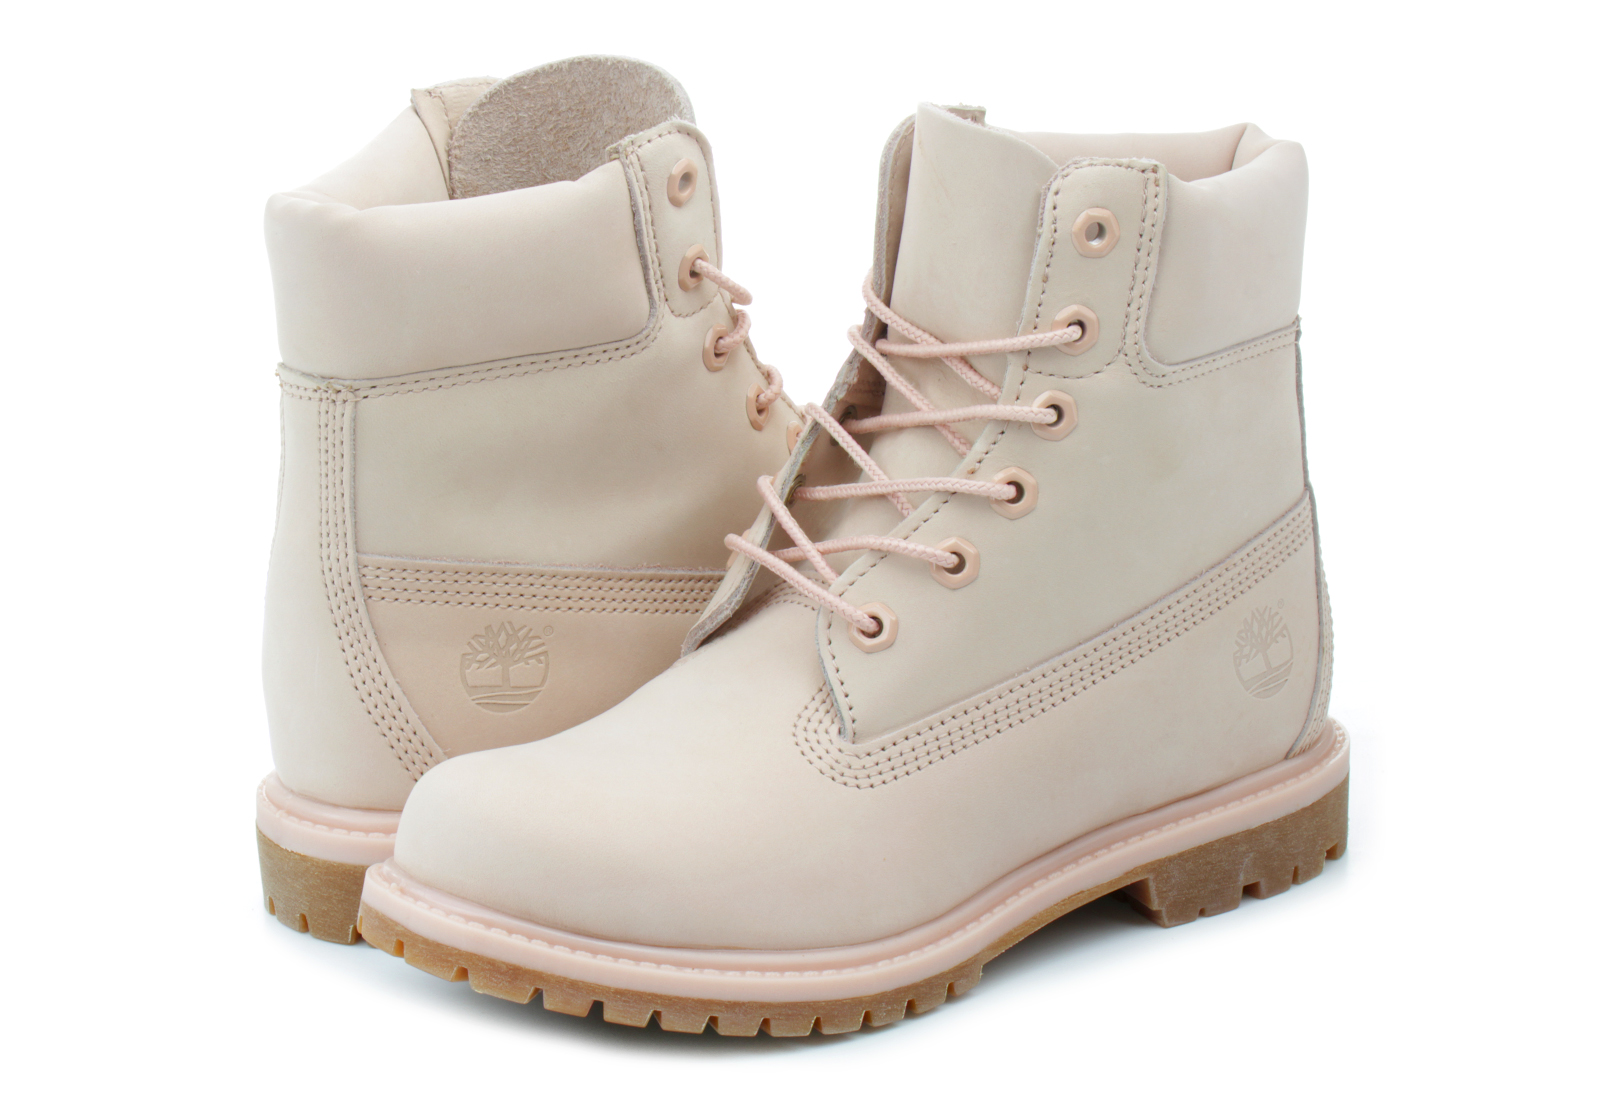 legjobb eladás legalacsonyabb kedvezmény nagykereskedelmi üzlet Timberland Bakancs - 6 Inch Prem Boot - a1k3z-pnk - Office Shoes ...